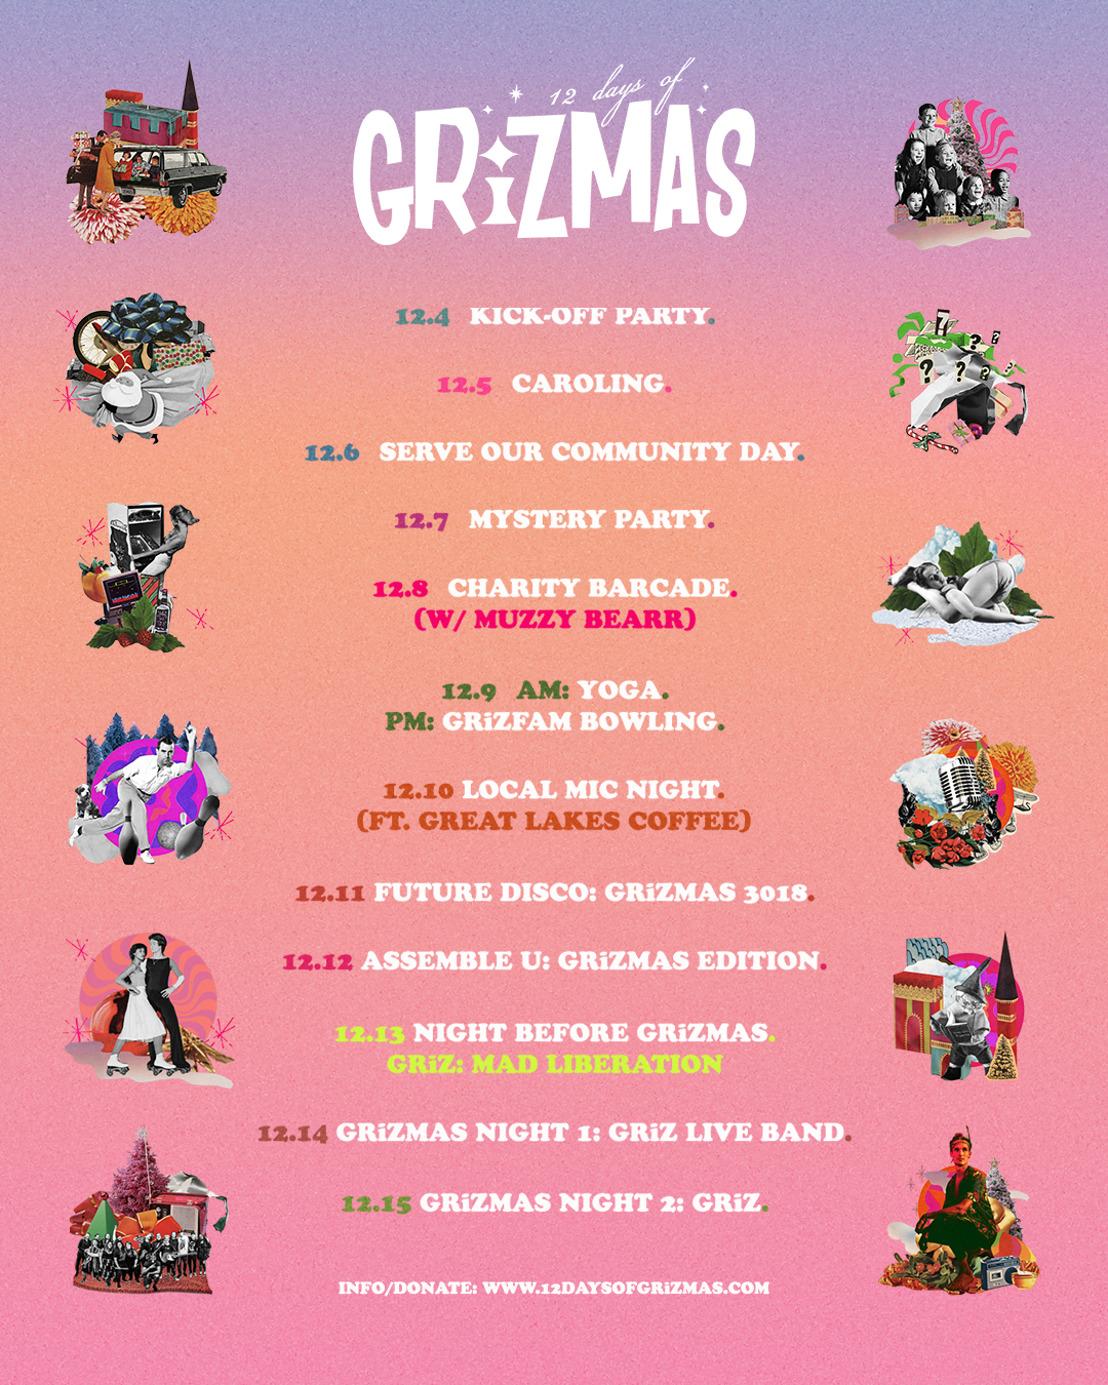 GRiZ Announces Fifth Annual 12 Days of GRiZMAS